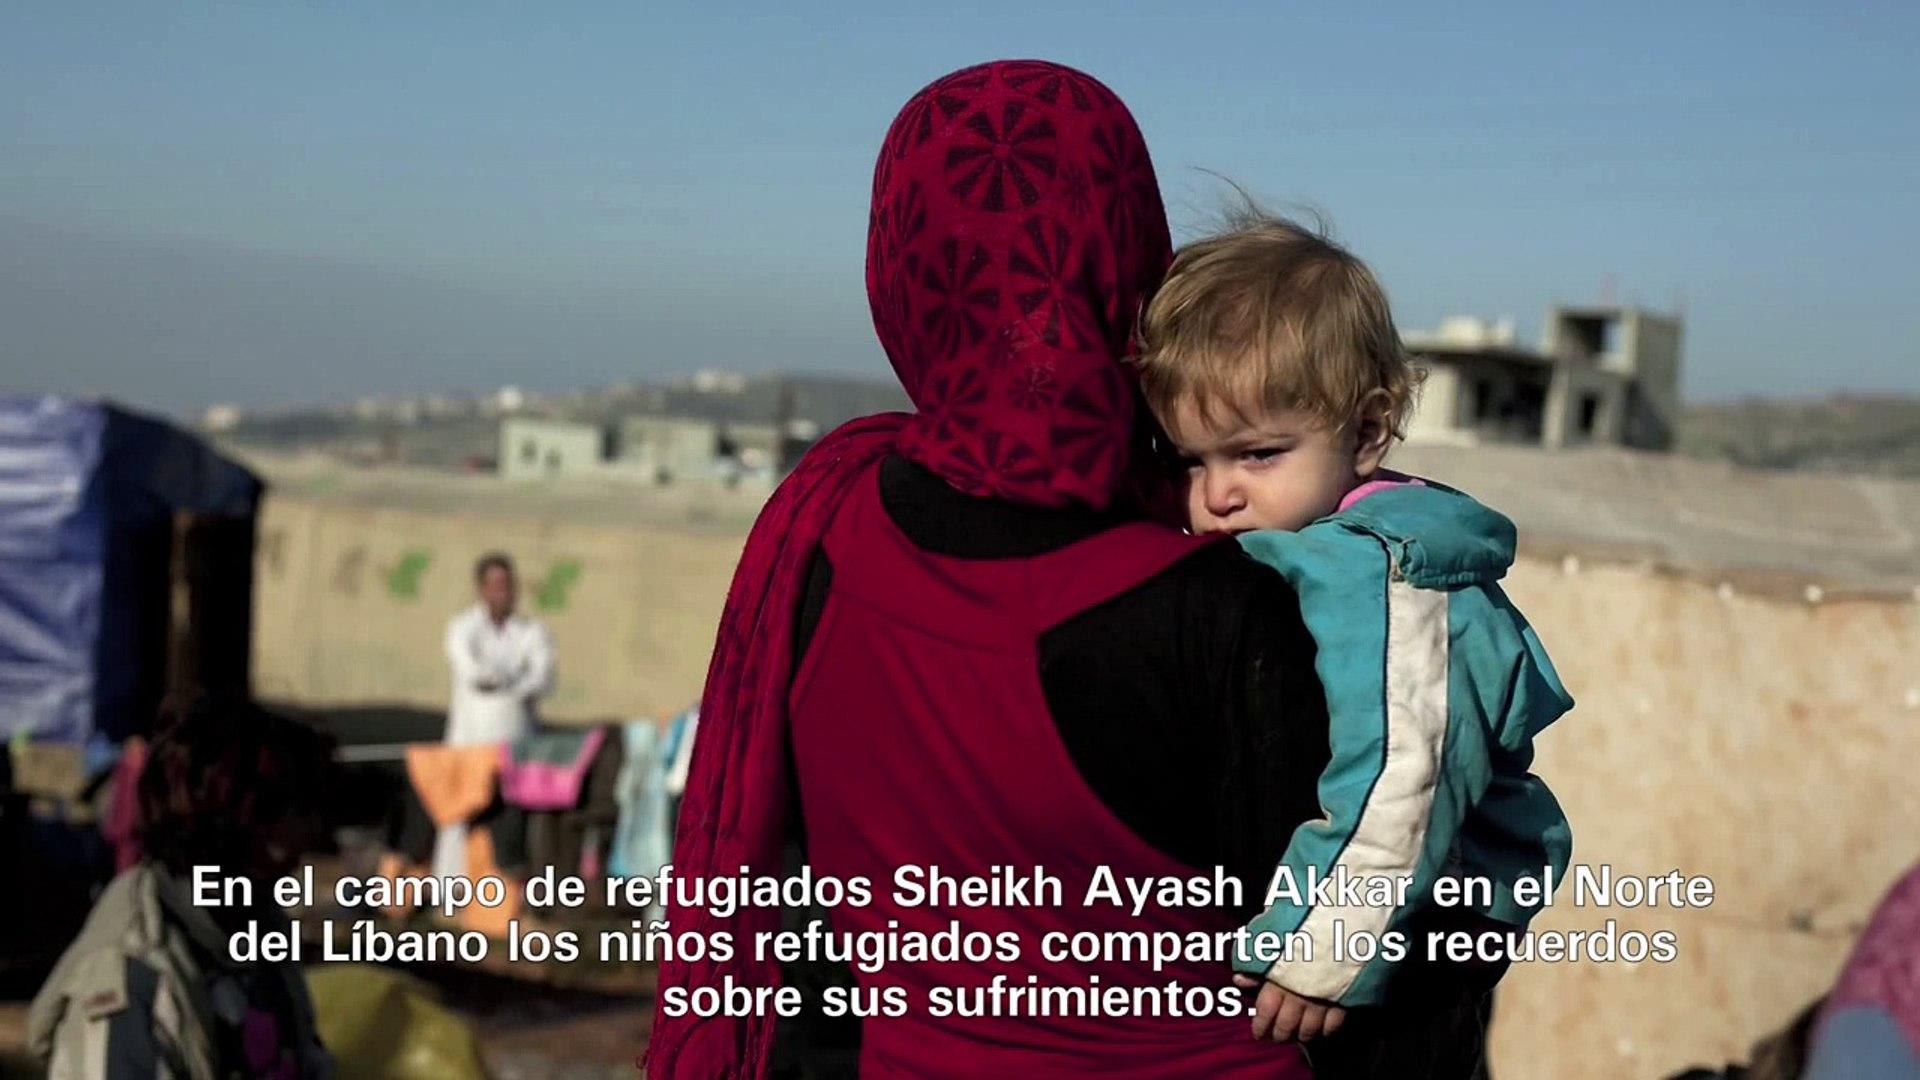 Testimonios de algunos niños sirios refugiados en Líbano